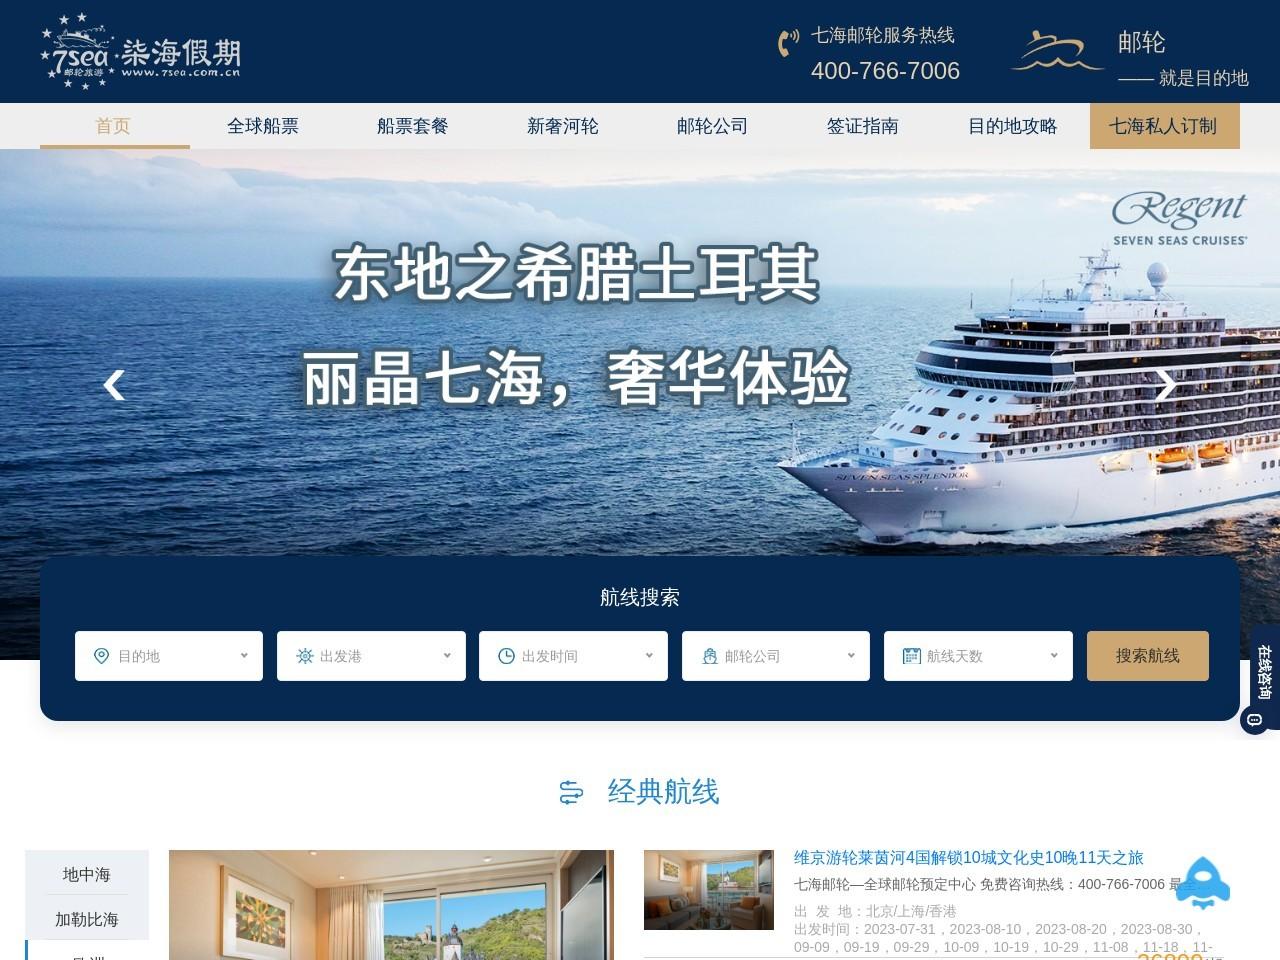 七海邮轮旅游网